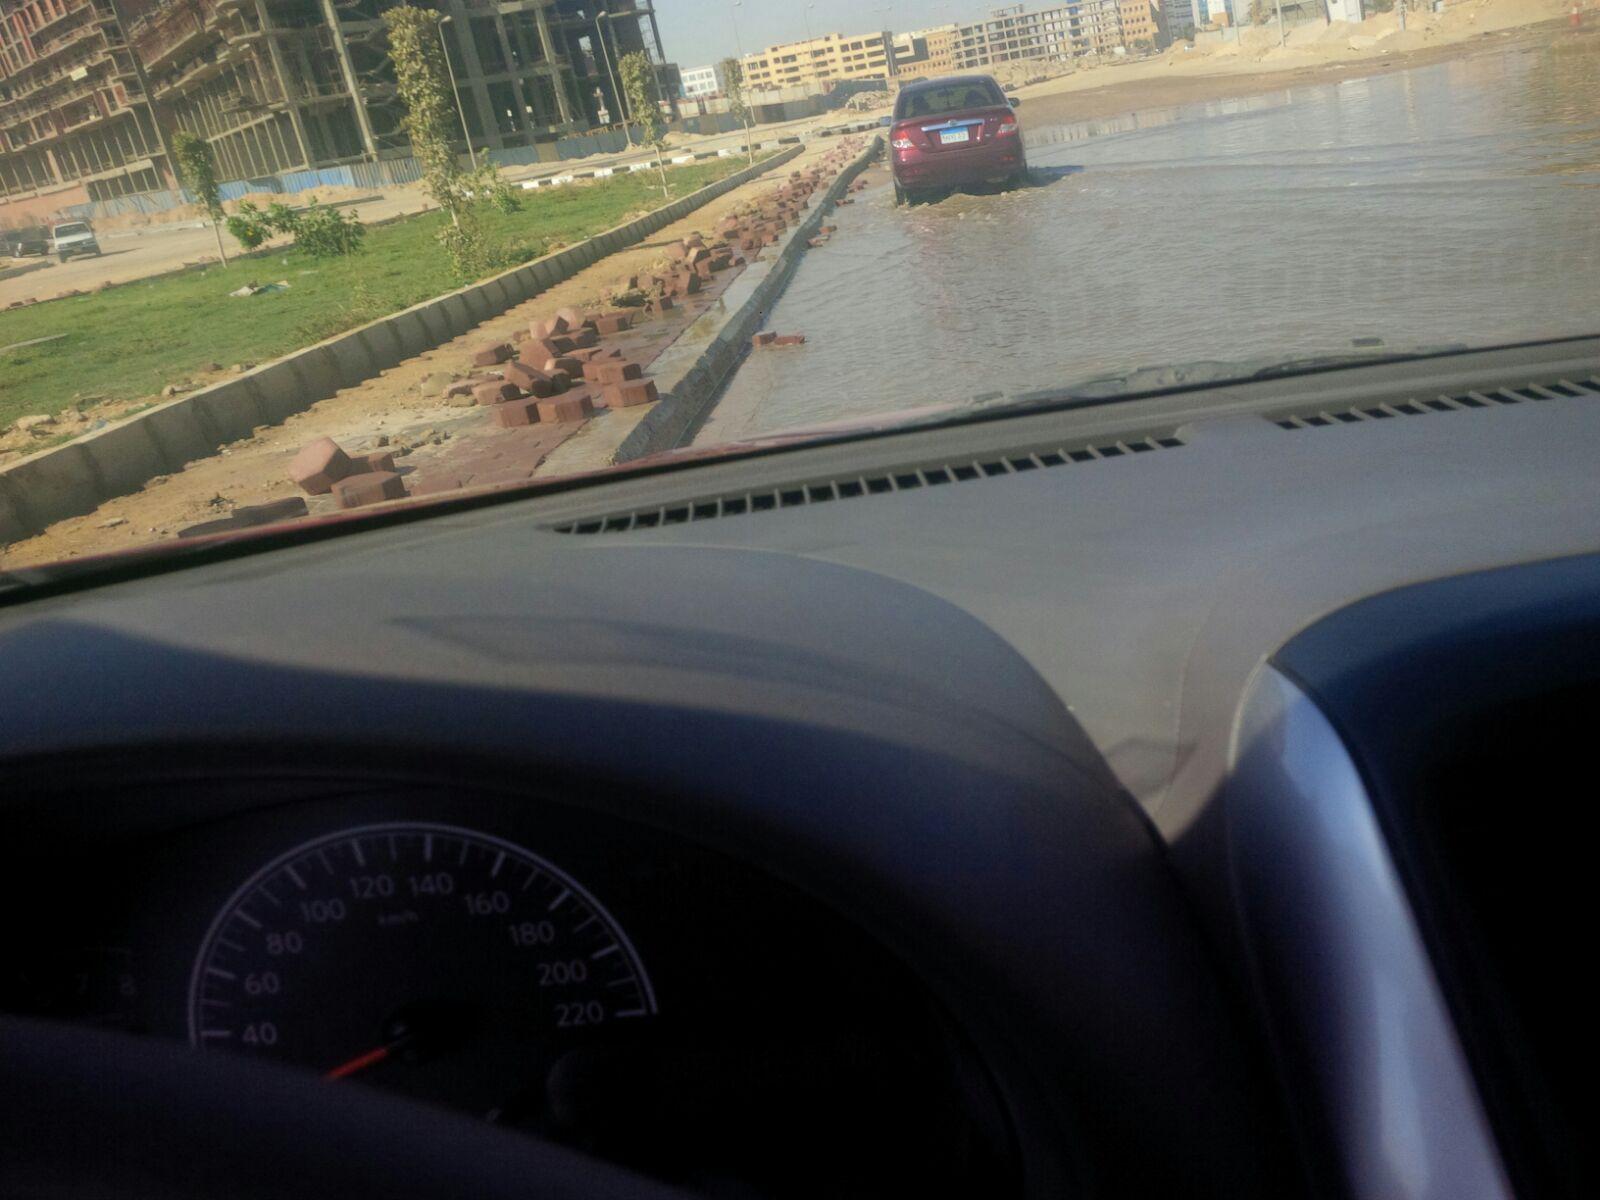 انفجار ماسورة مياه بشارع التسعين وسط تجاهل المسؤولين